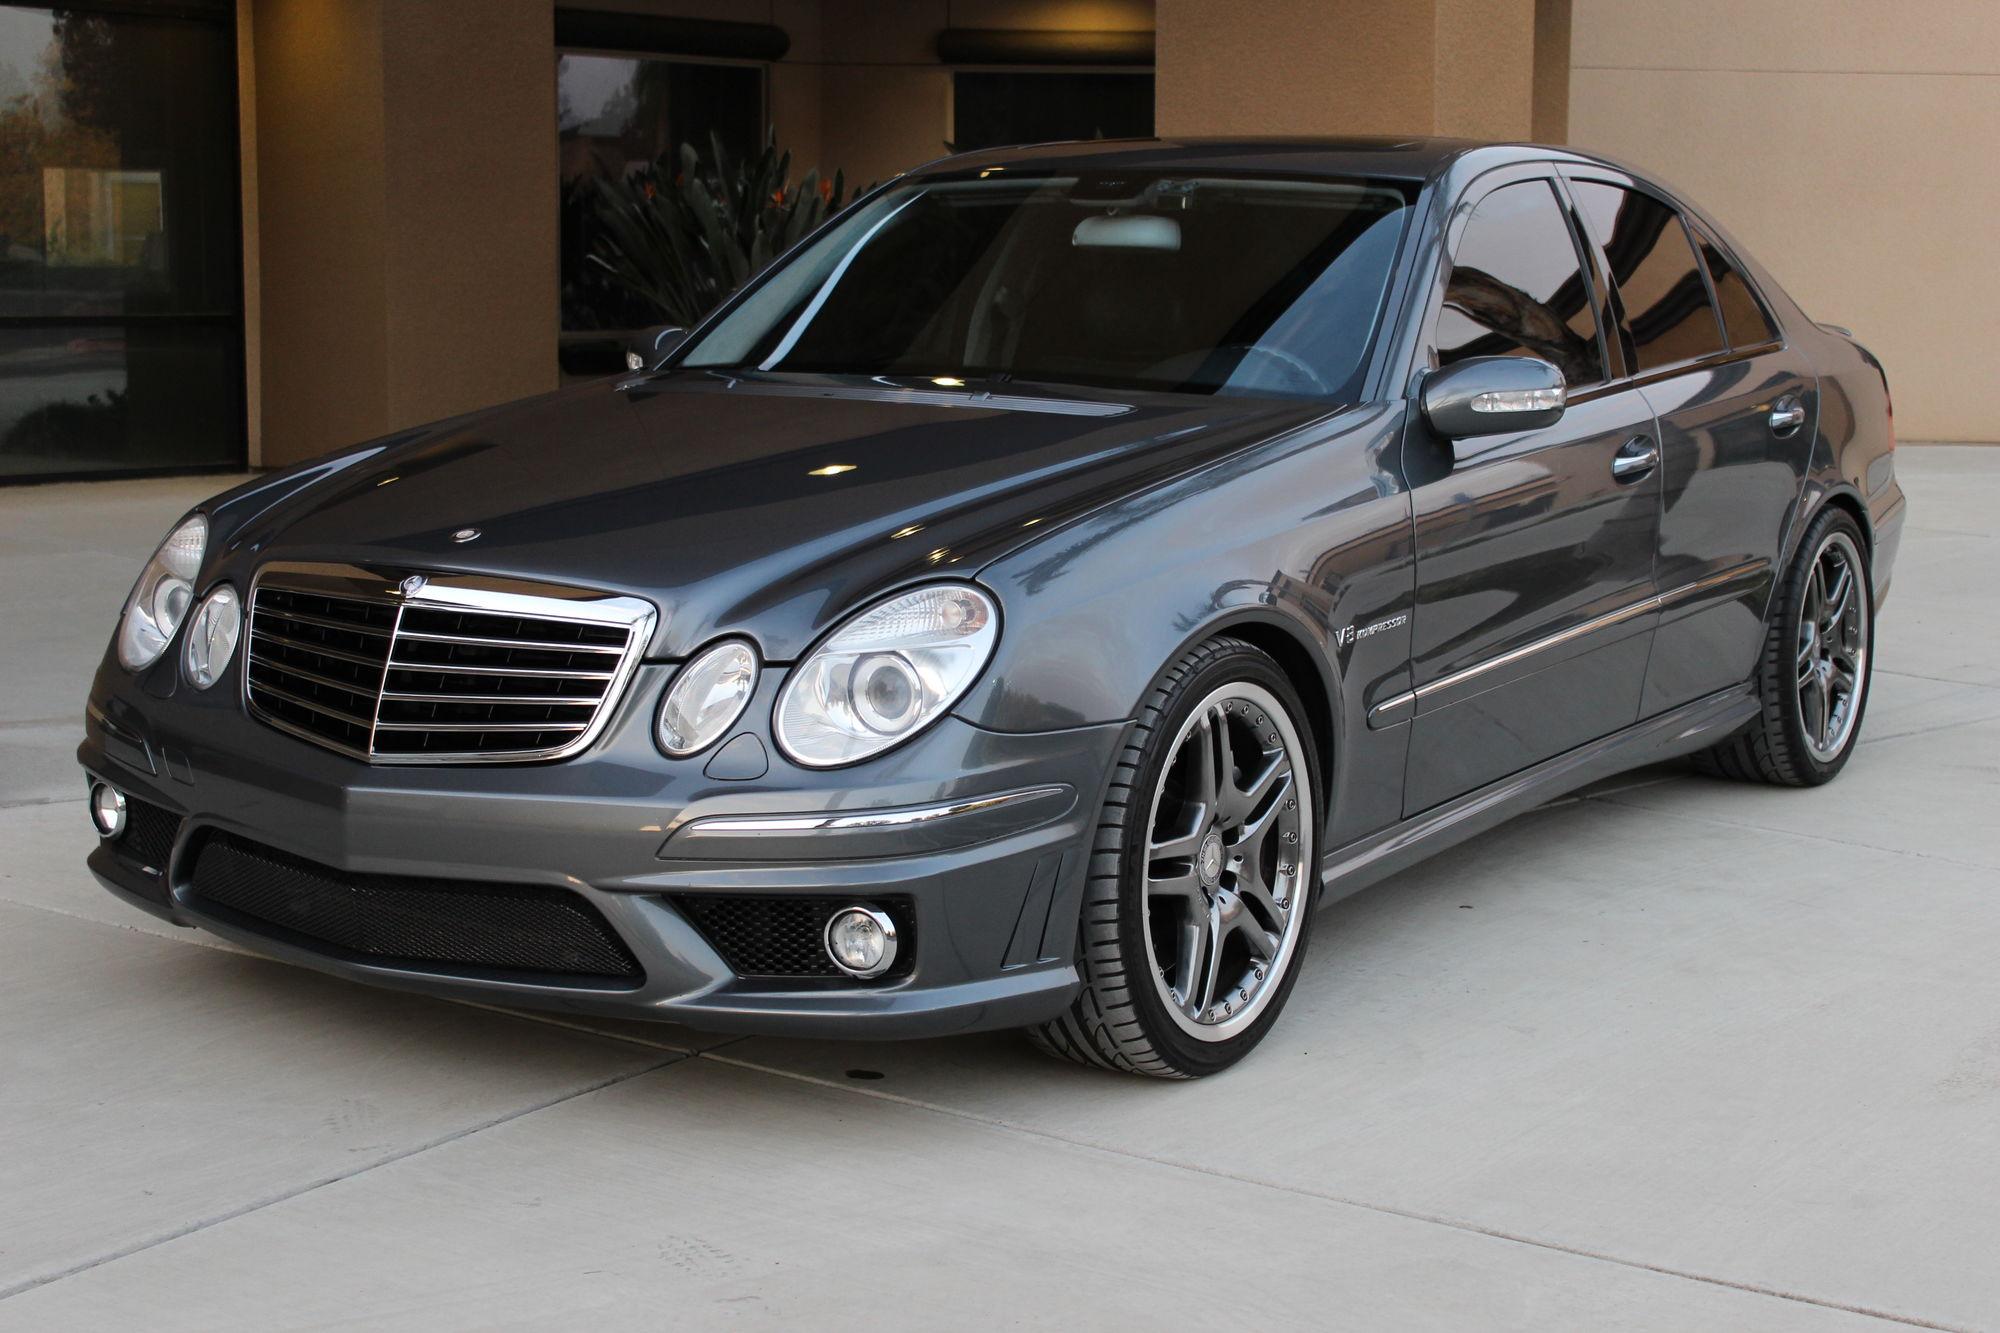 2006 mercedes e55 amg flint grey keyless go dynamic seats bixenon 67k miles mbworld org forums